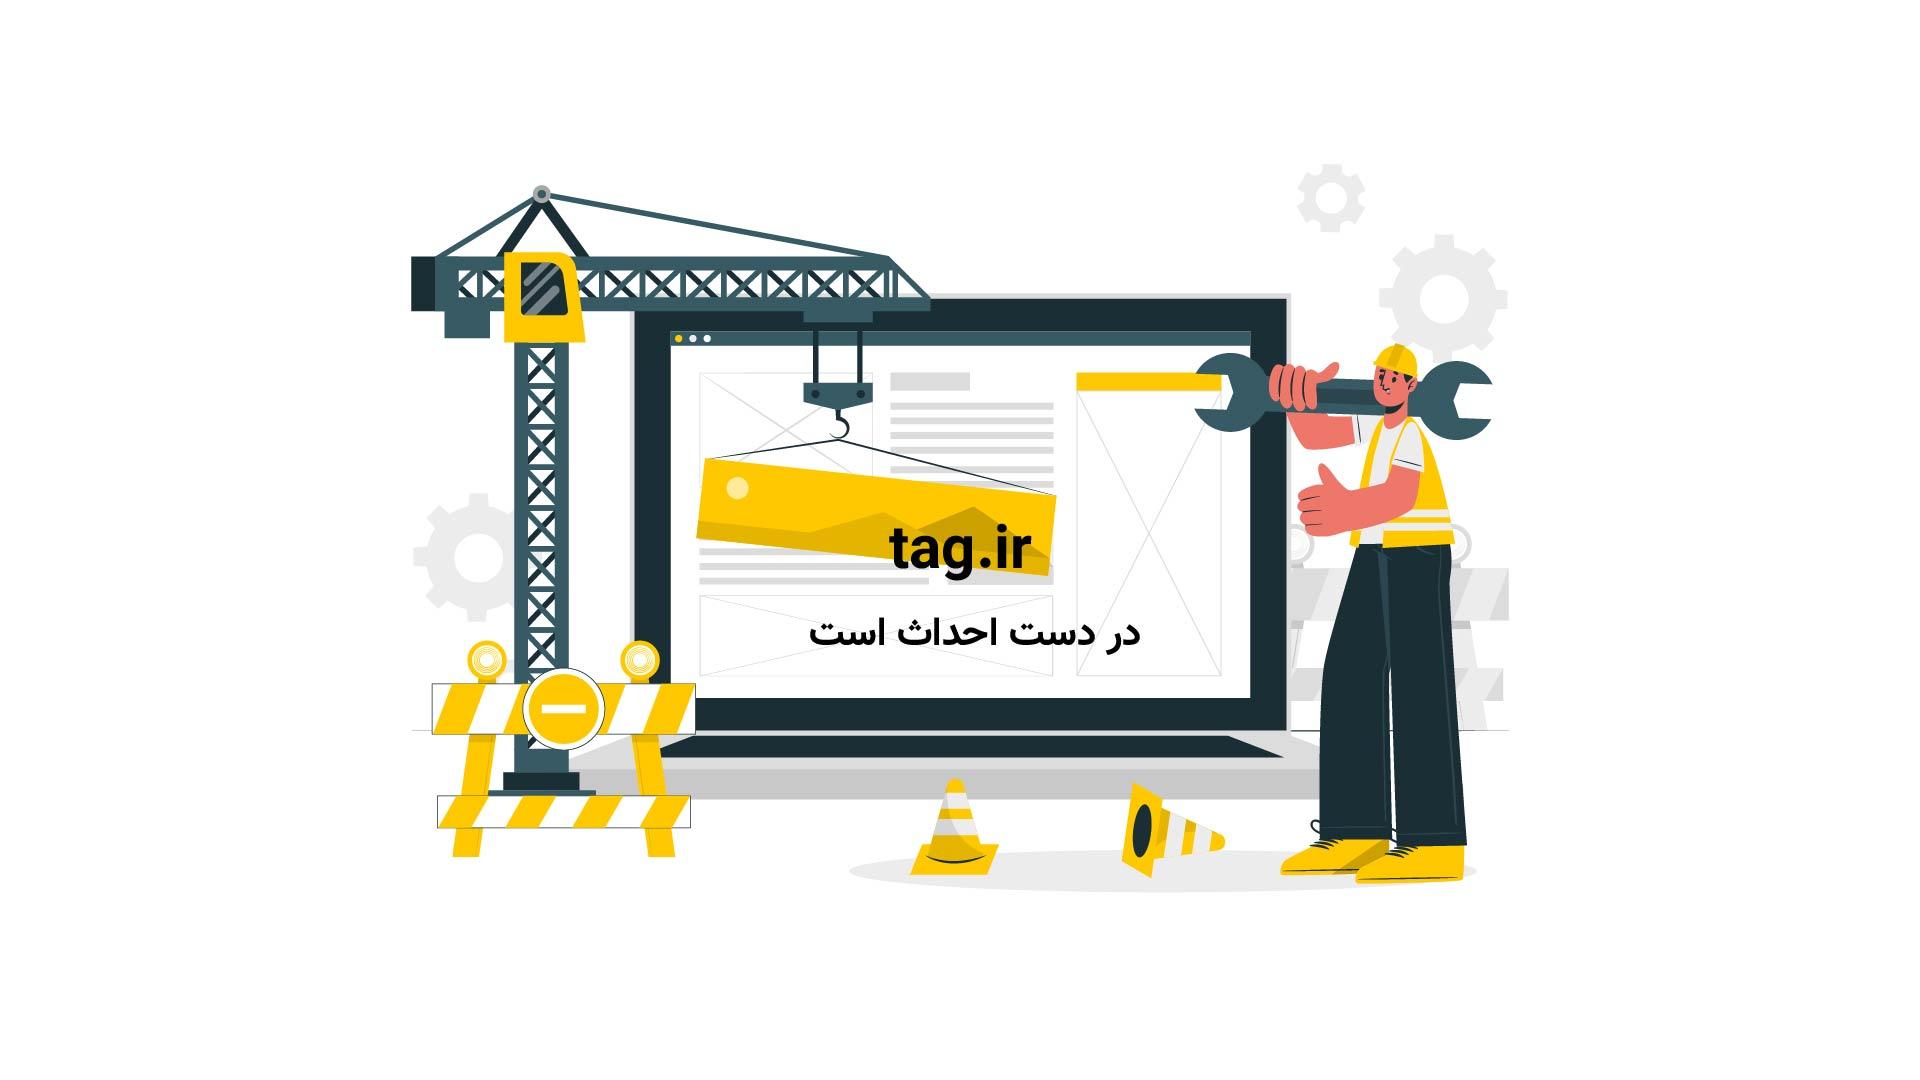 مداحی محمدرضا طاهری | تگ